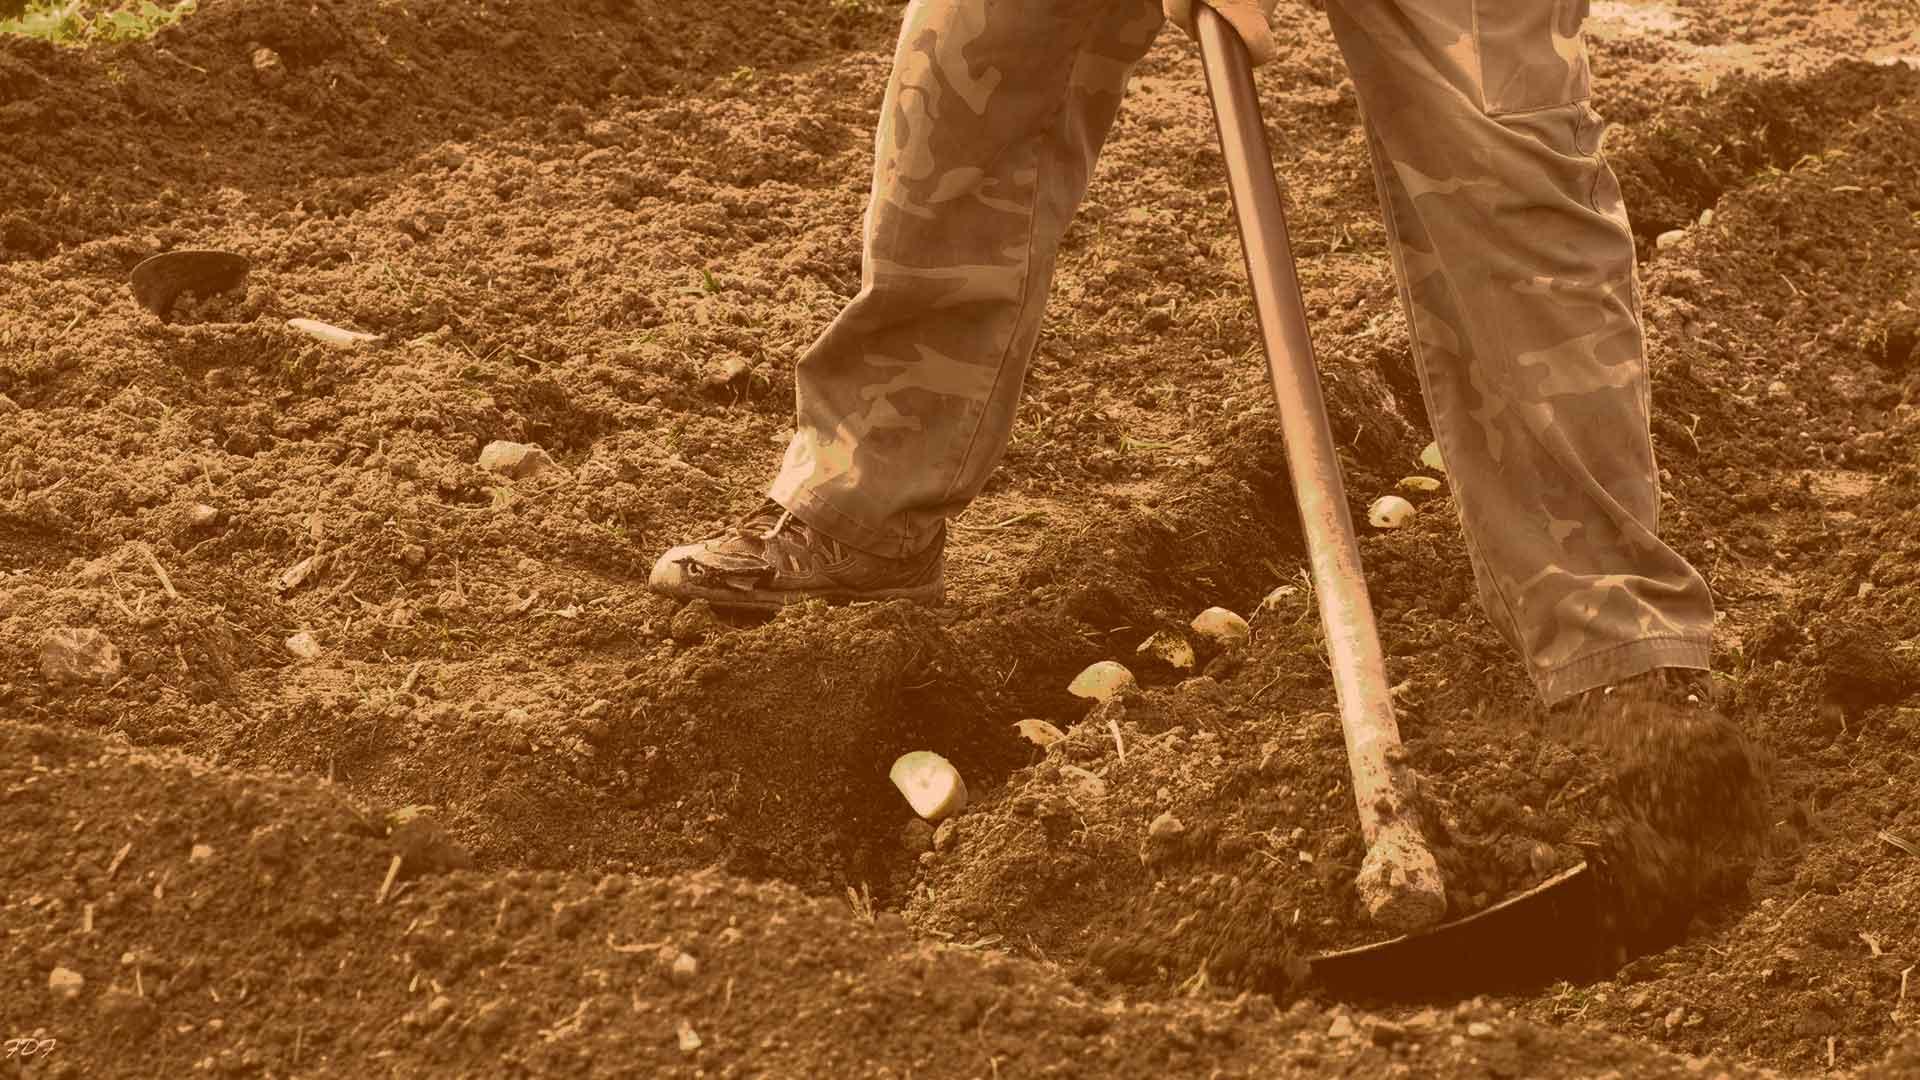 Curso en Granada: La práctica agroecológica en el desarrollo rural. Los huertos urbanos.